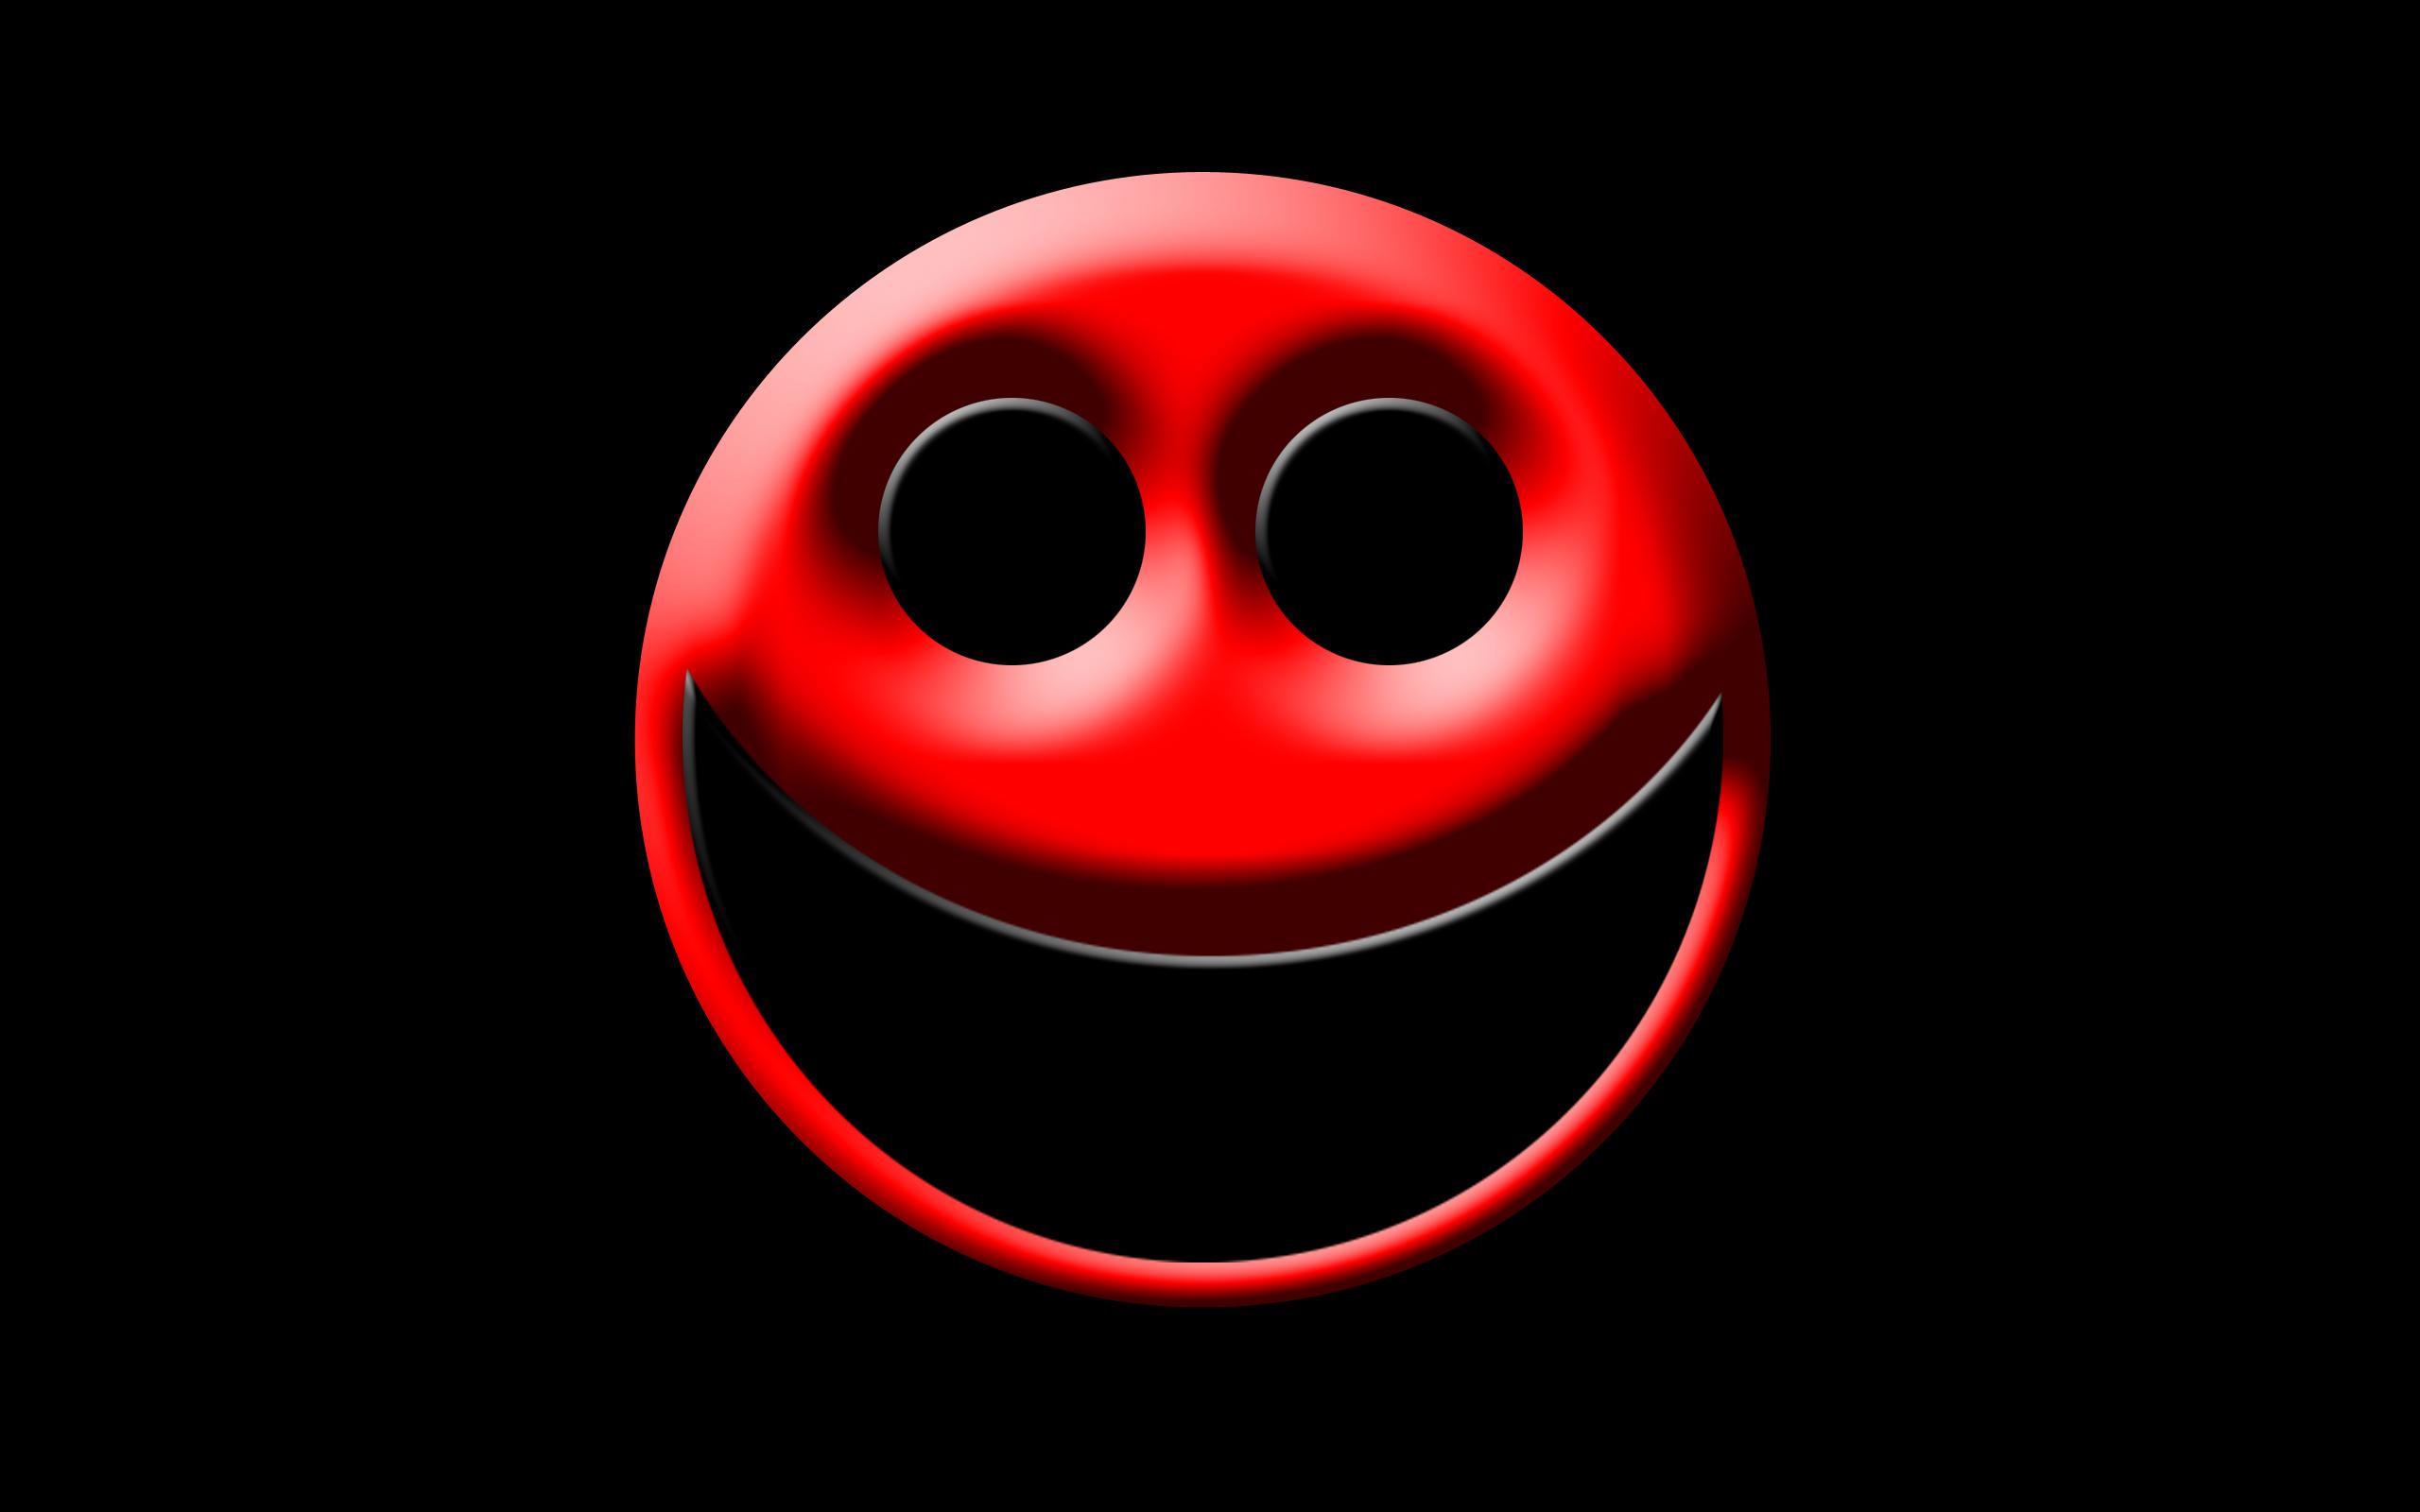 Black And Red Wallpaper Hd Wallpapersafari